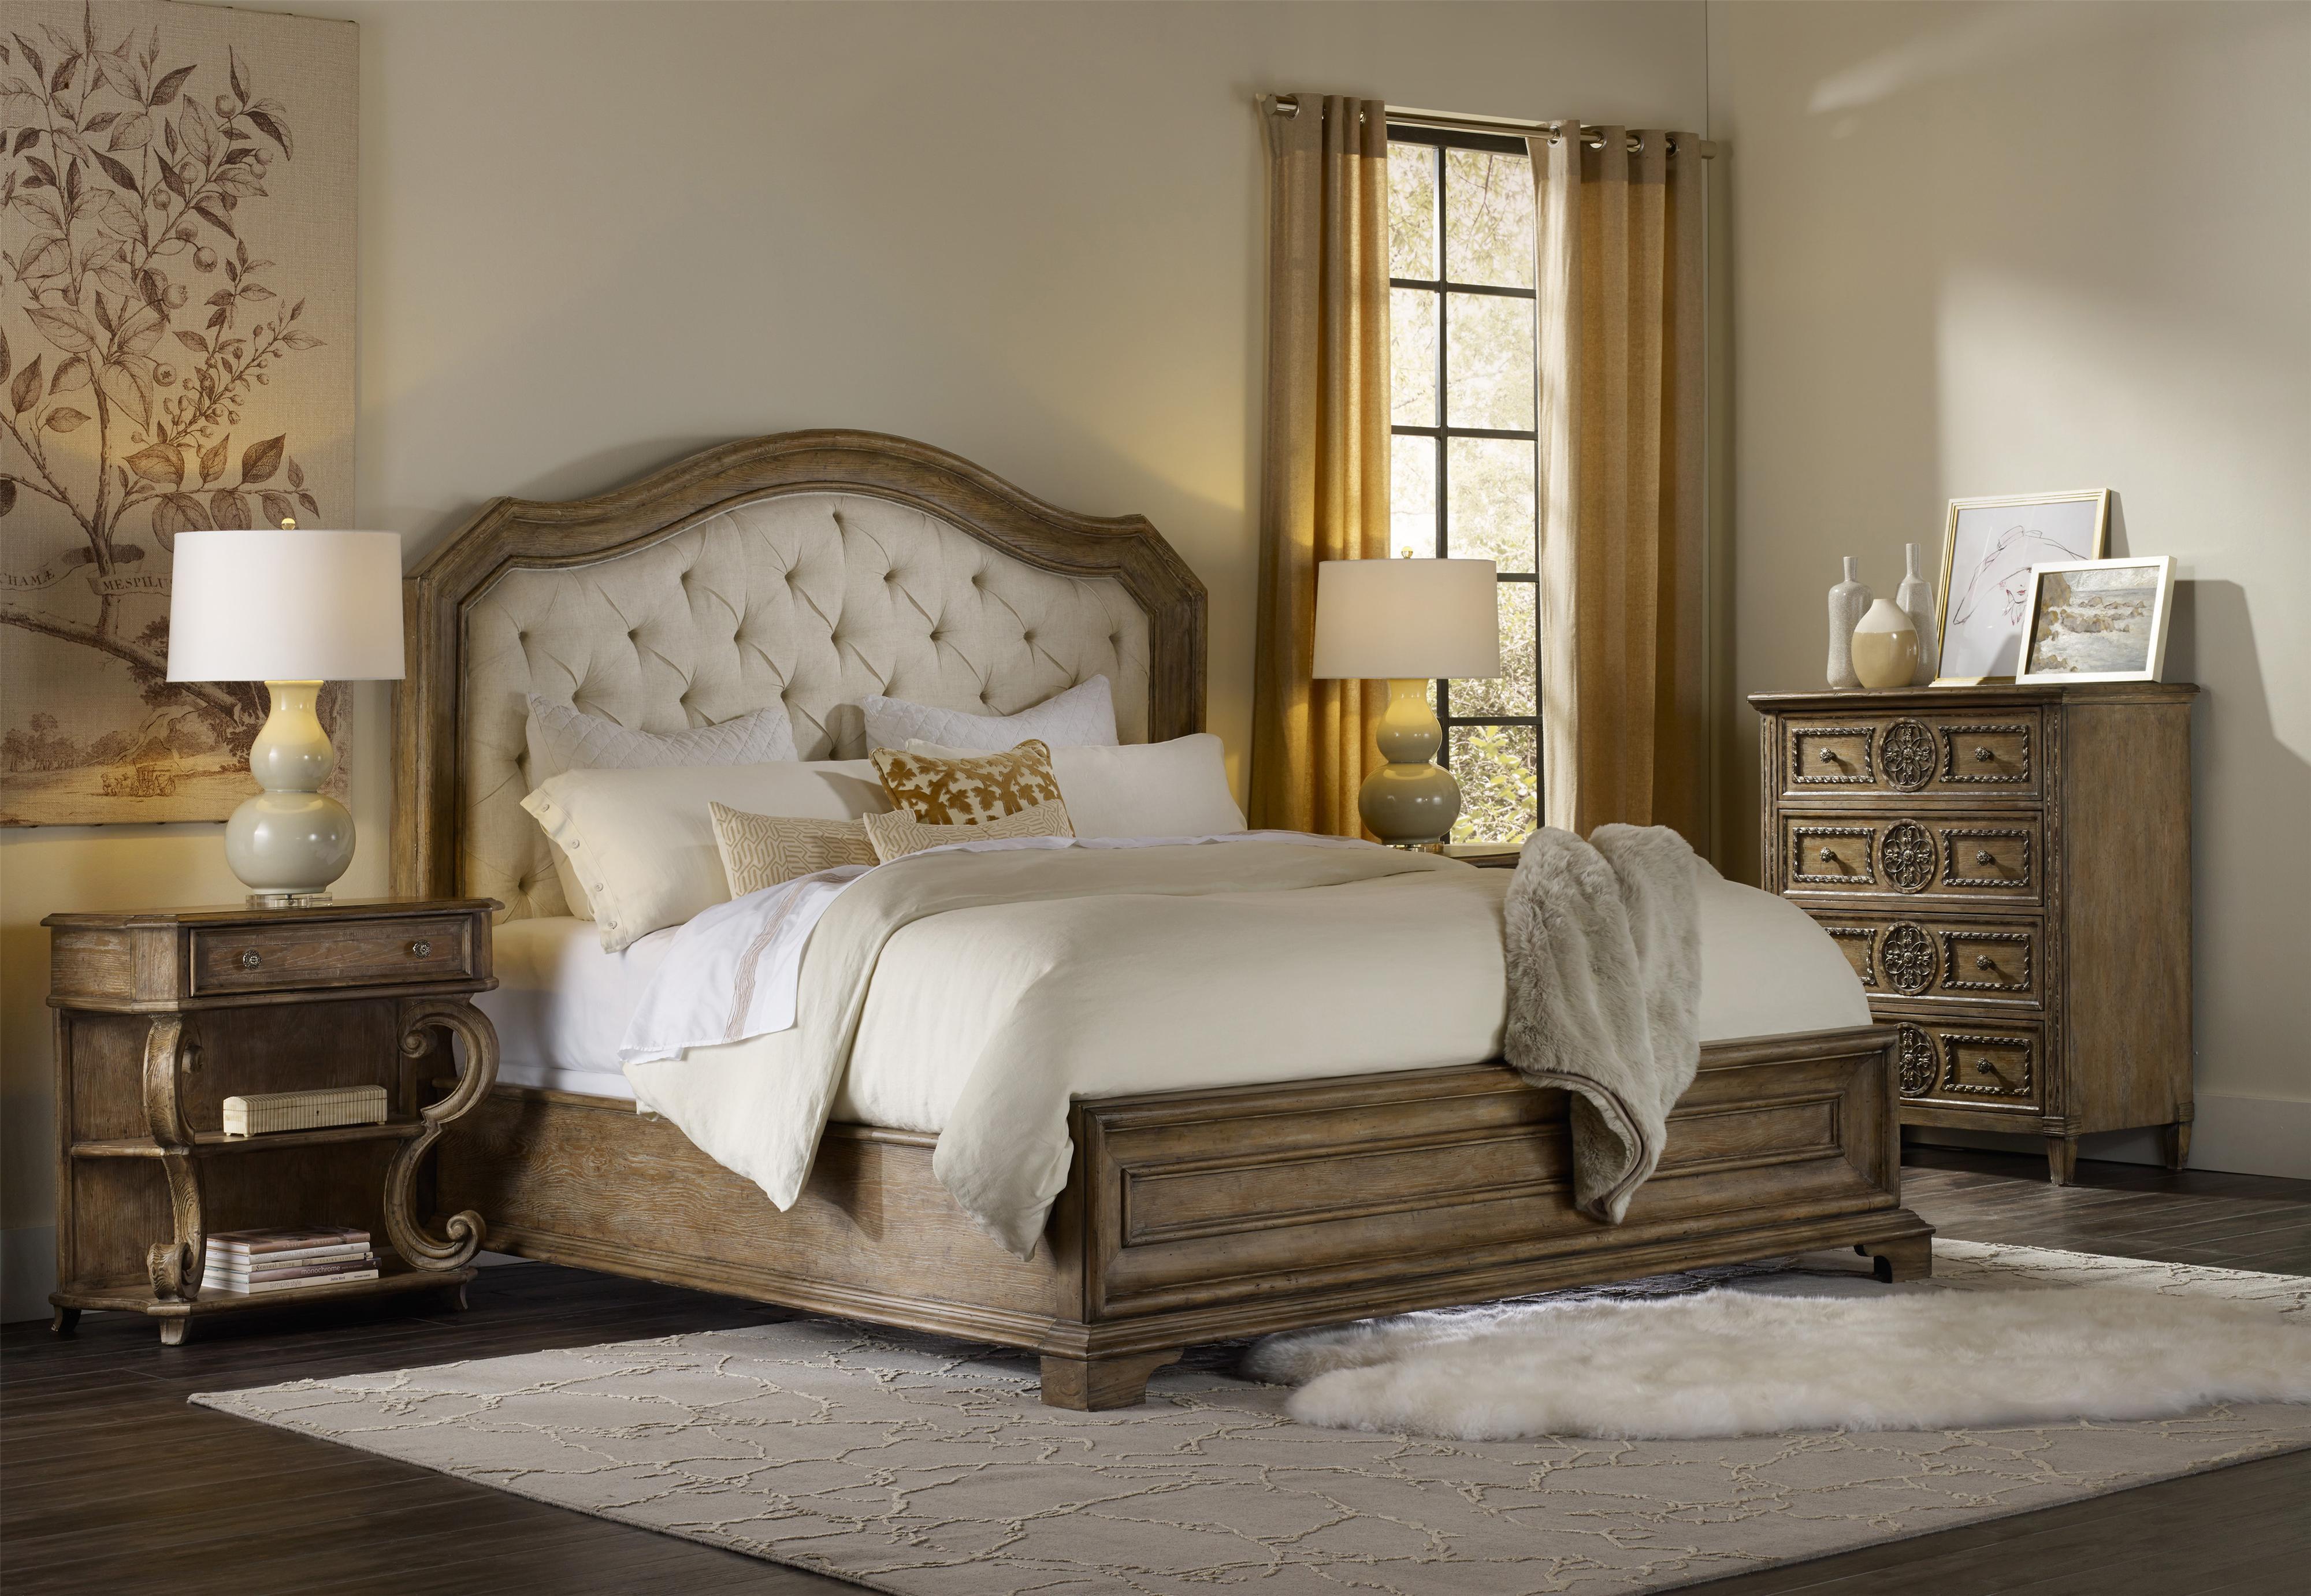 Hooker Furniture Solana King Bedroom Group 4 - Item Number: 5291 K Bedroom Group 4